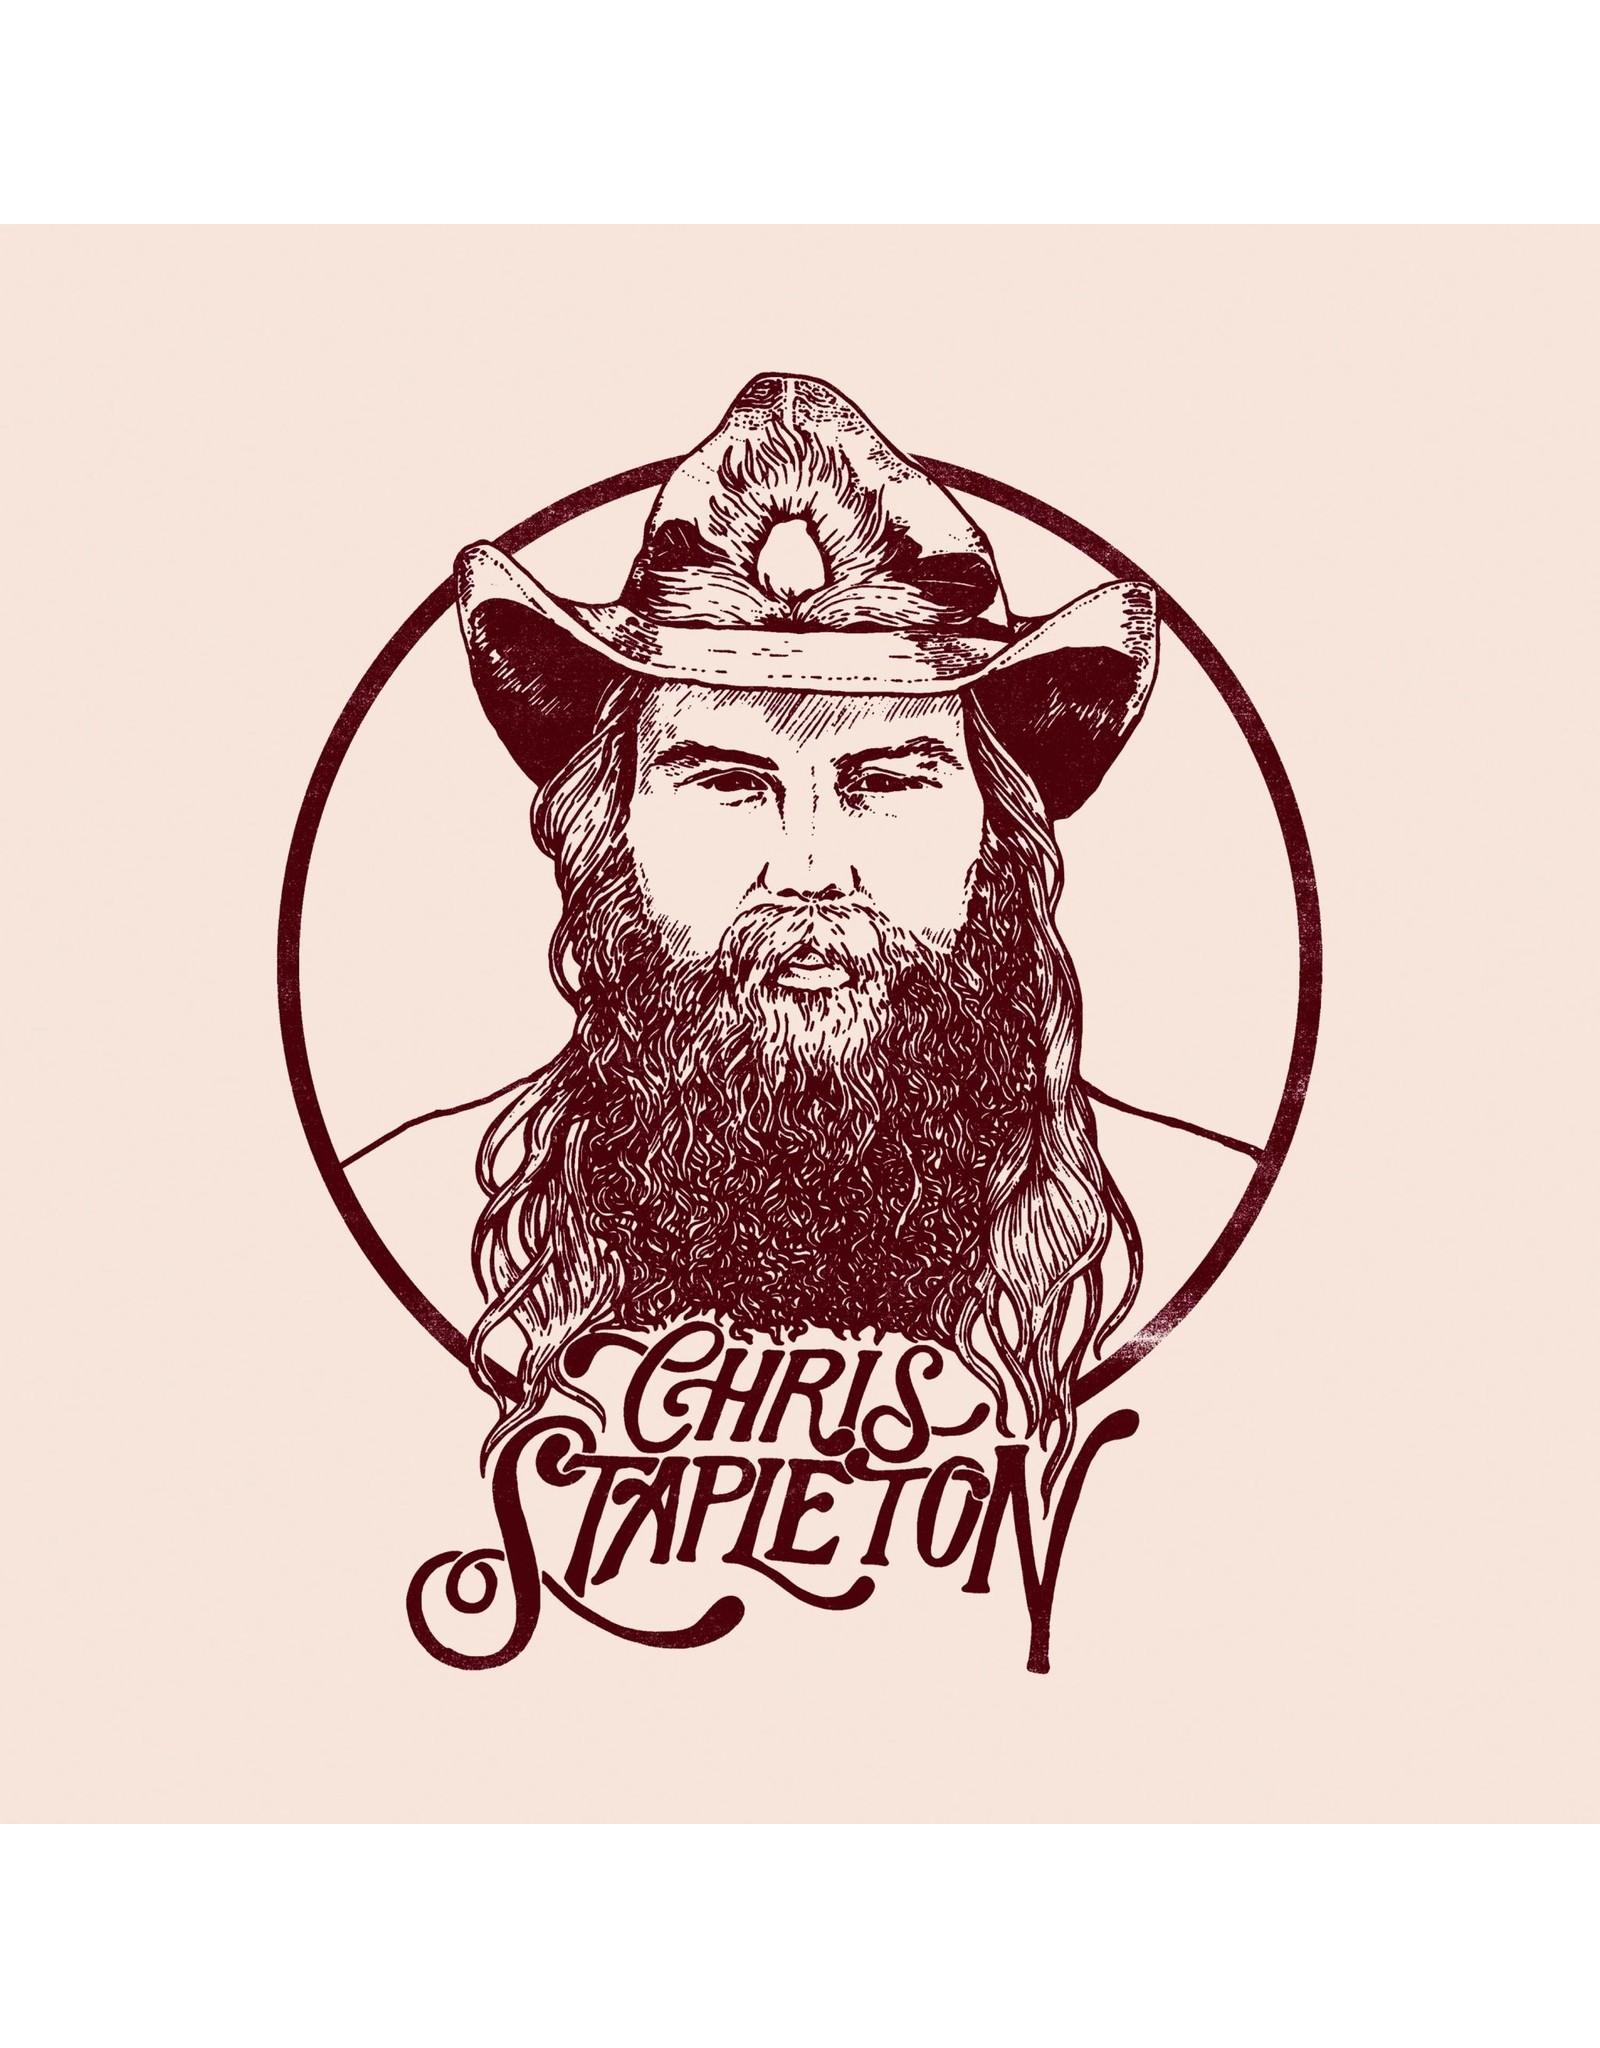 Chris Stapleton - From A Room (Volume 1)